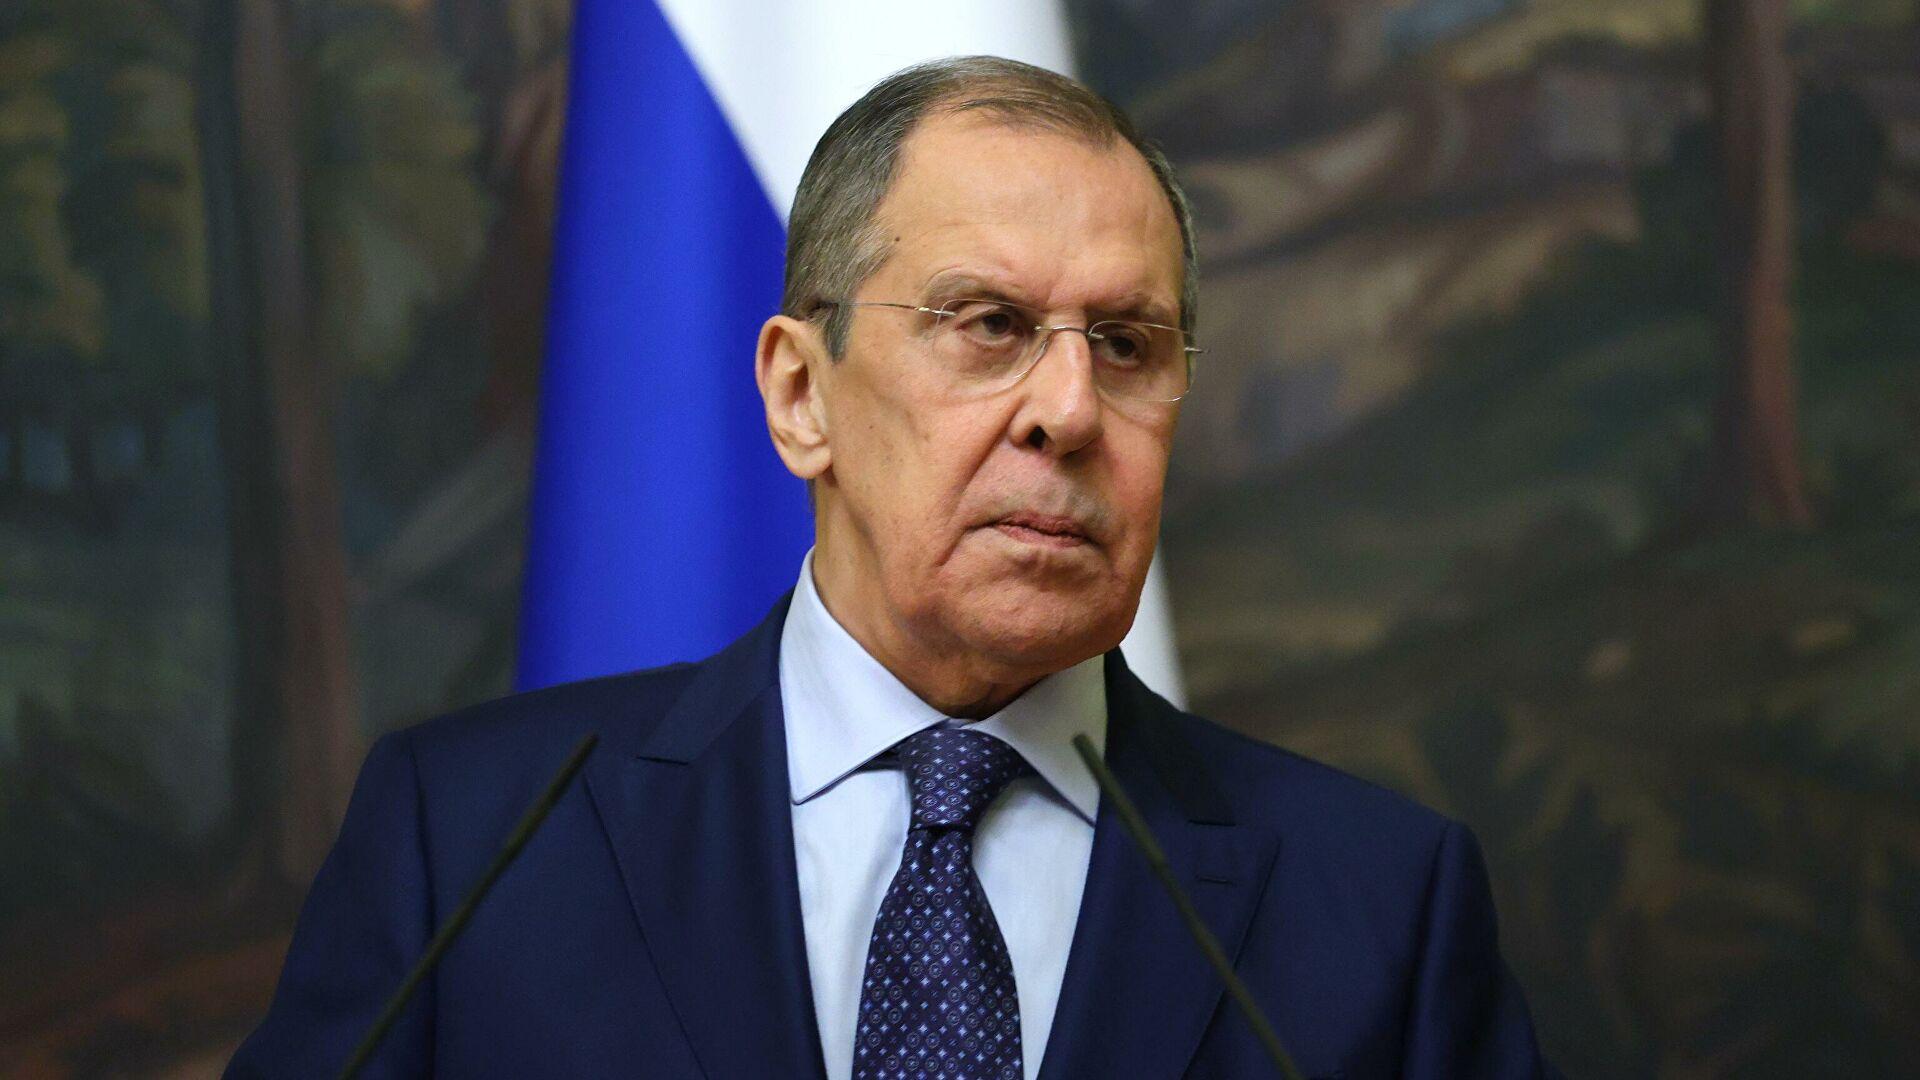 МИД России обвинил Украину в нарушении всех минских соглашений